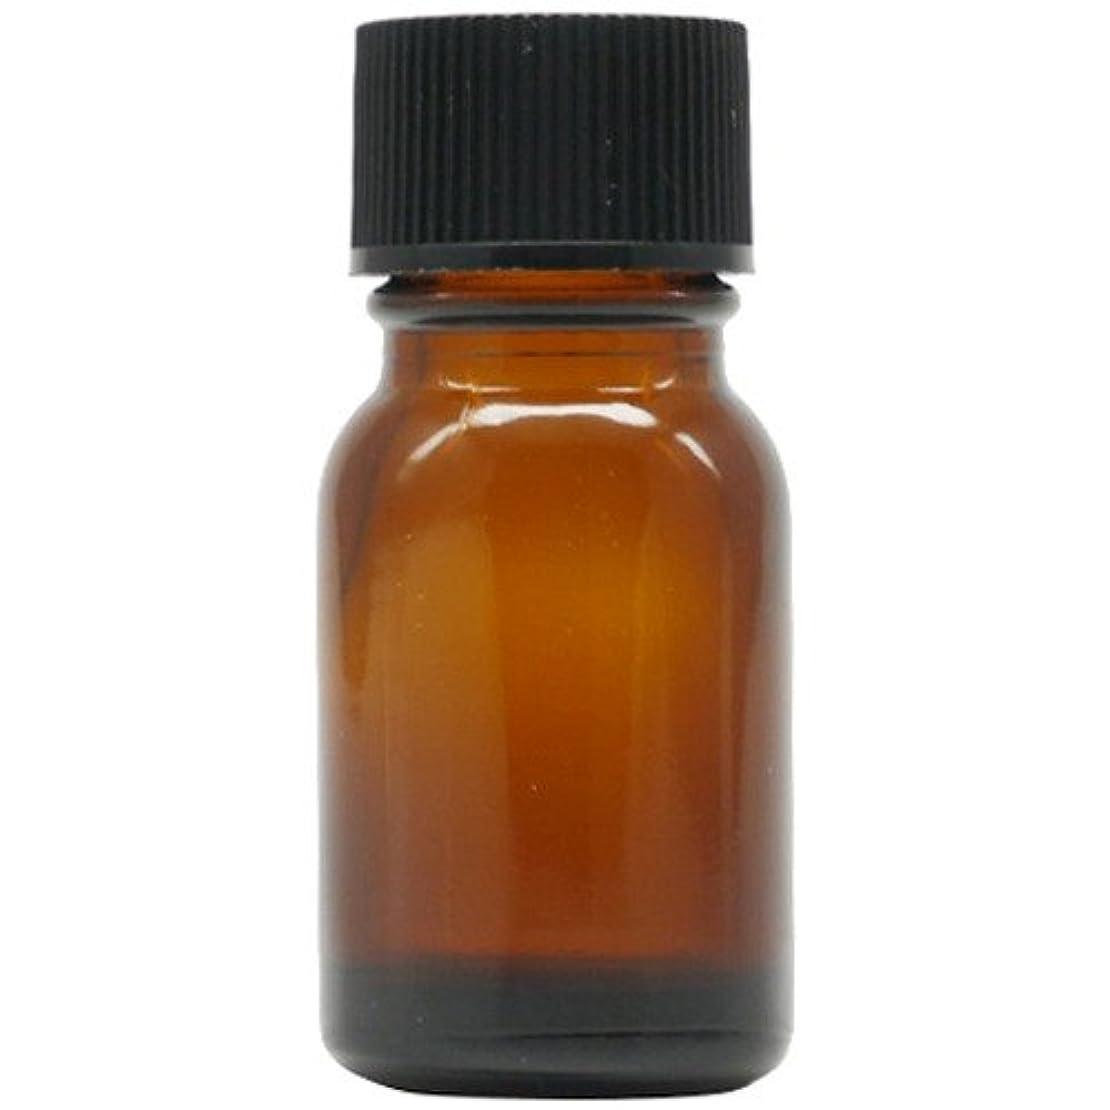 味わう雑草効率的にアロマアンドライフ (D)茶瓶中止栓10ml 3本セット